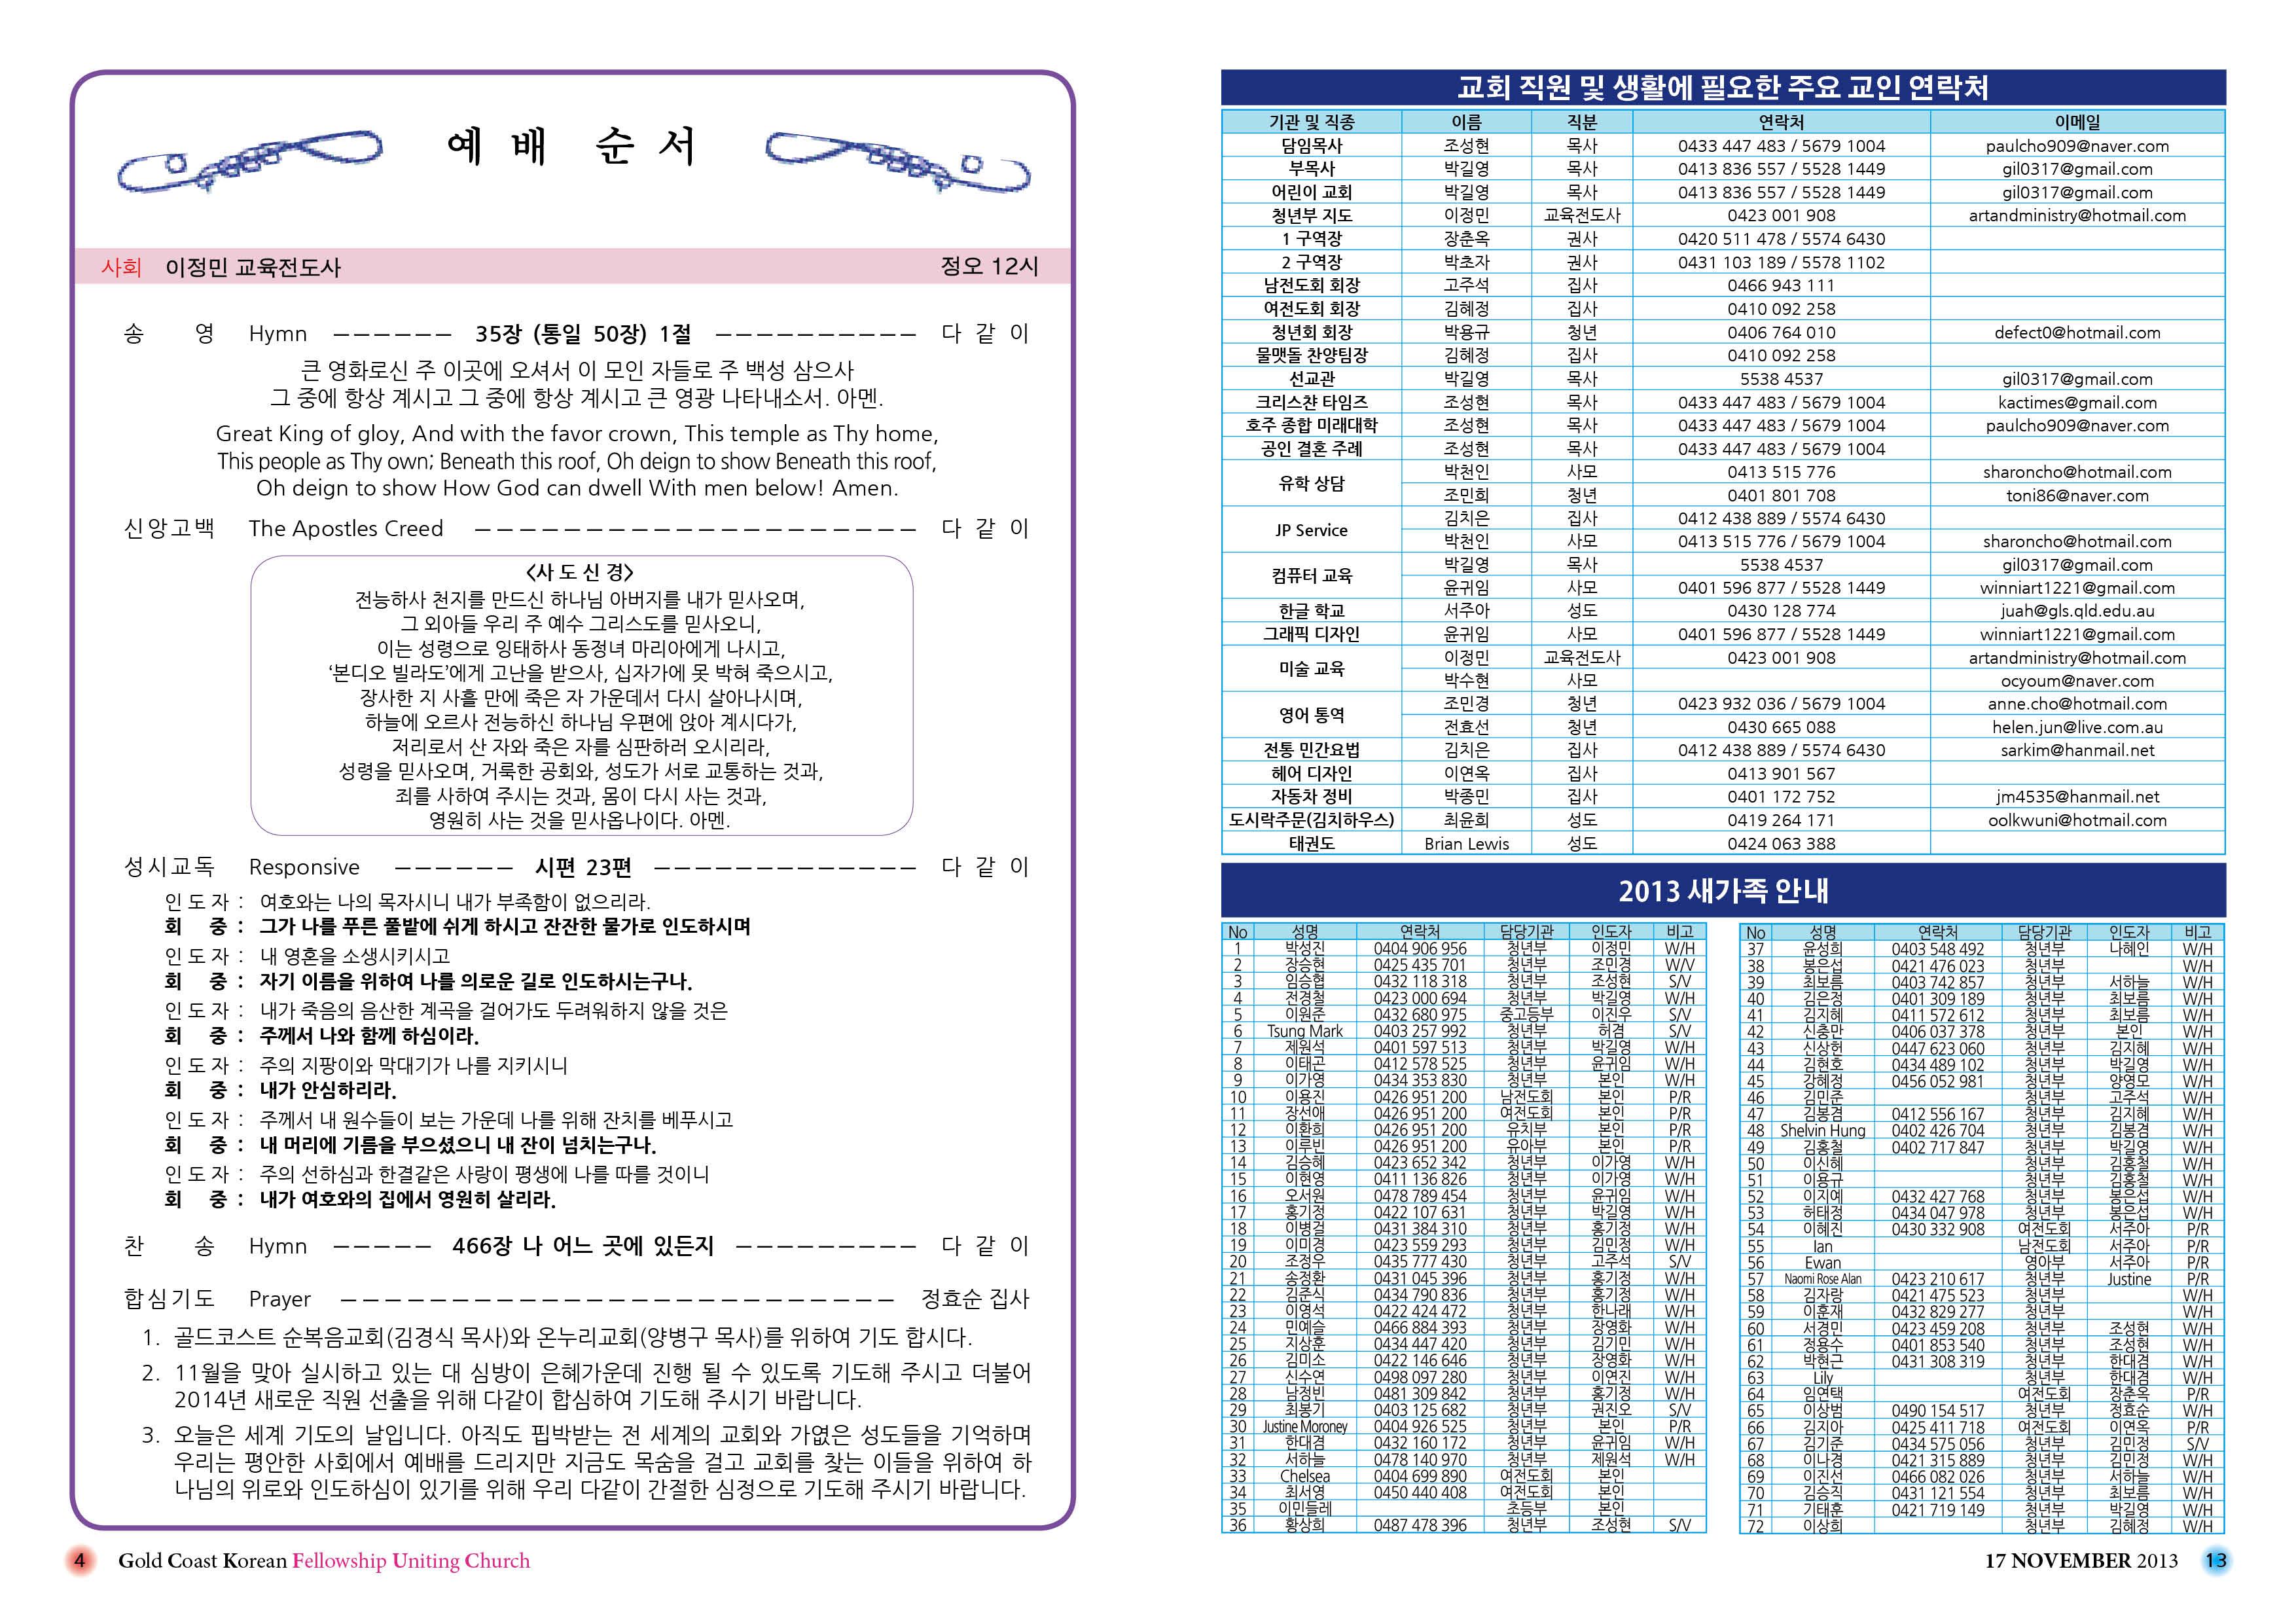 2013.11.10 주보(3차 수정)4.jpg